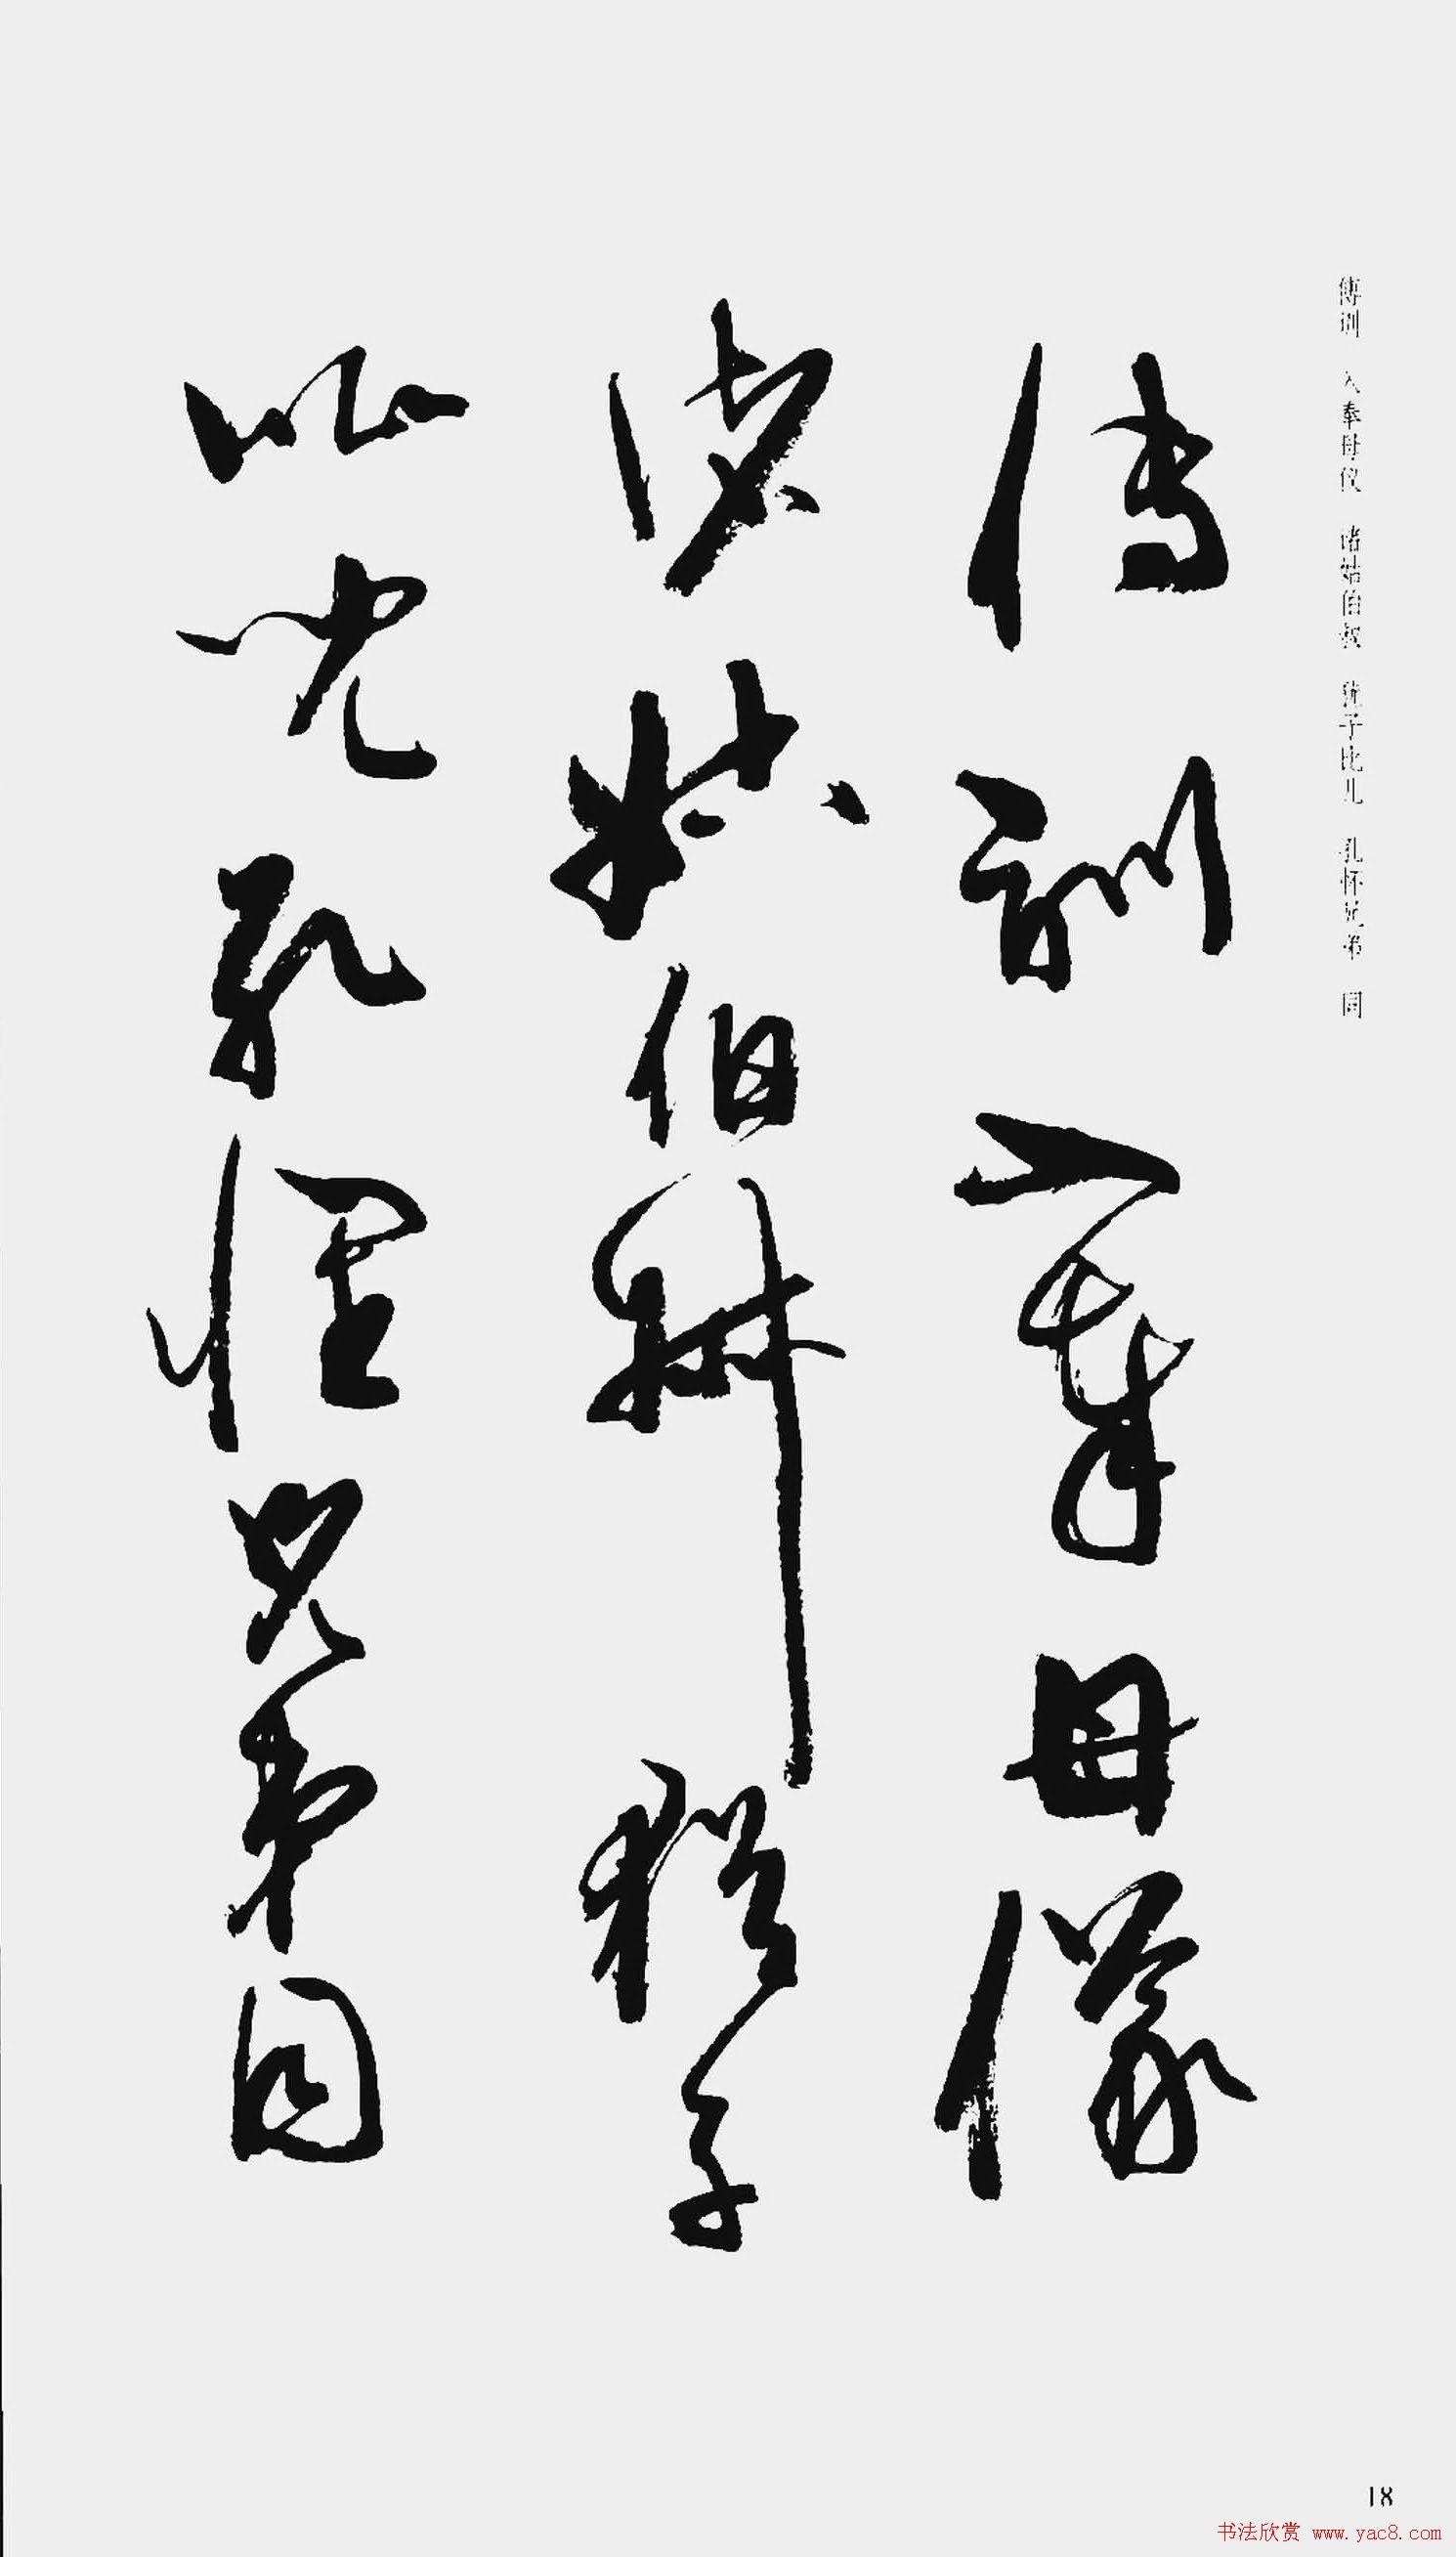 周慧珺书法字帖:《行草千字文》 - 第19页 _草书字帖图片